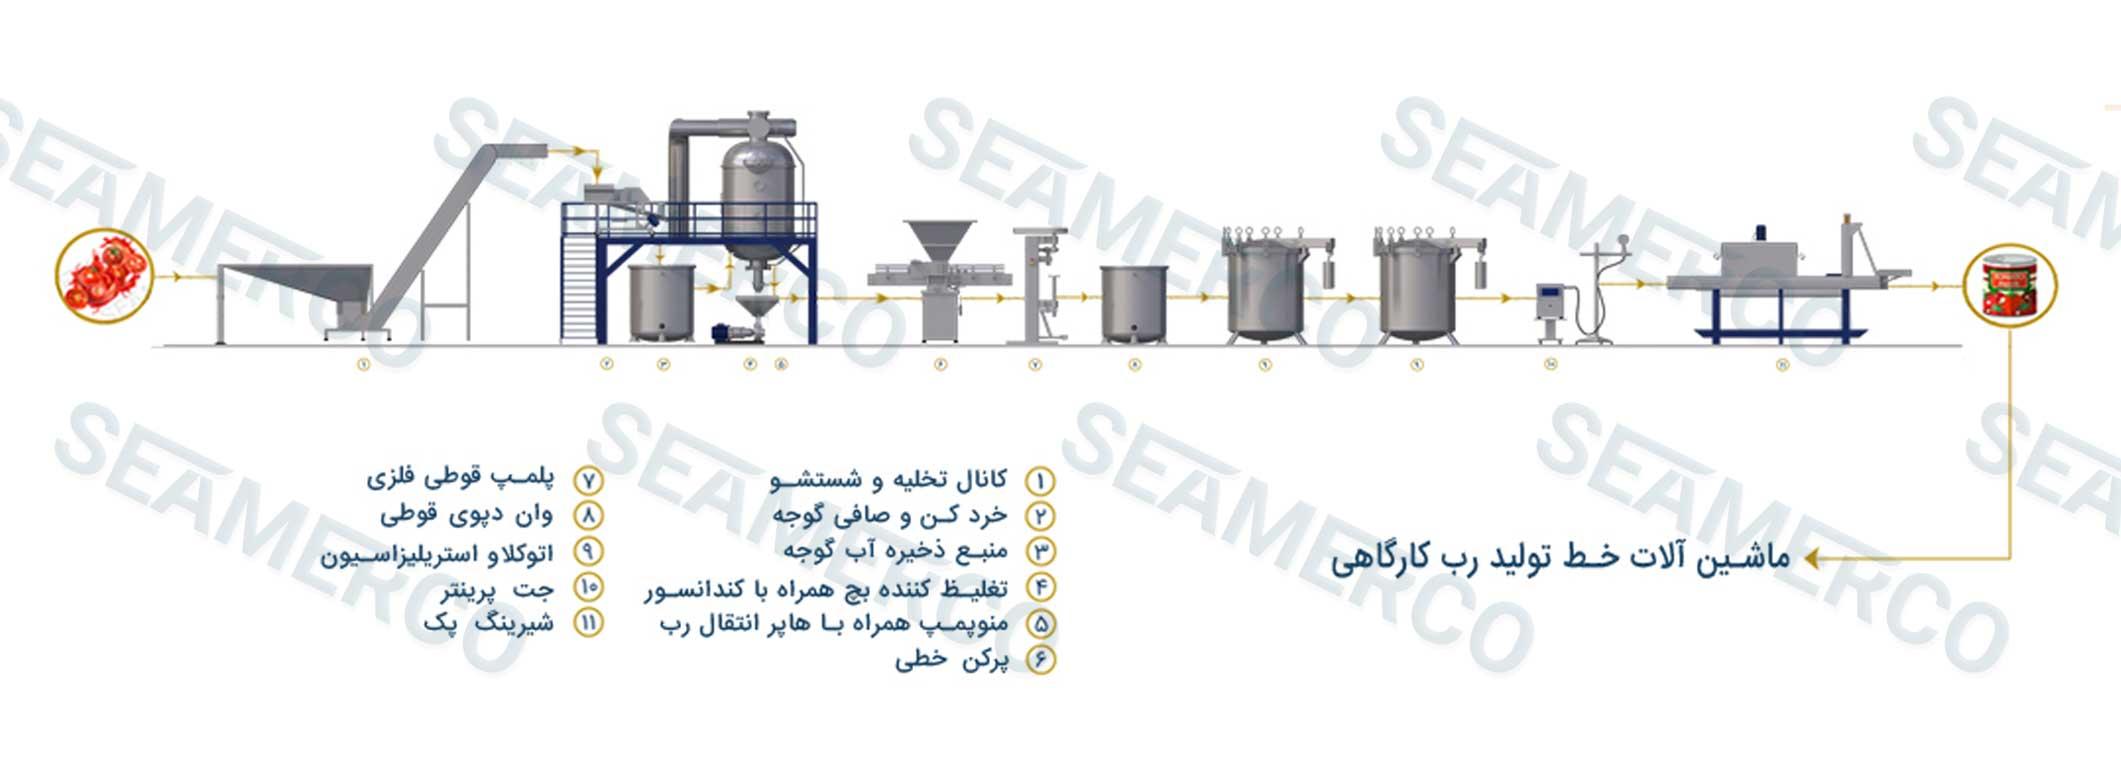 جانمایی ماشینآلات (لیوت)خط تولید رب کارگاهی